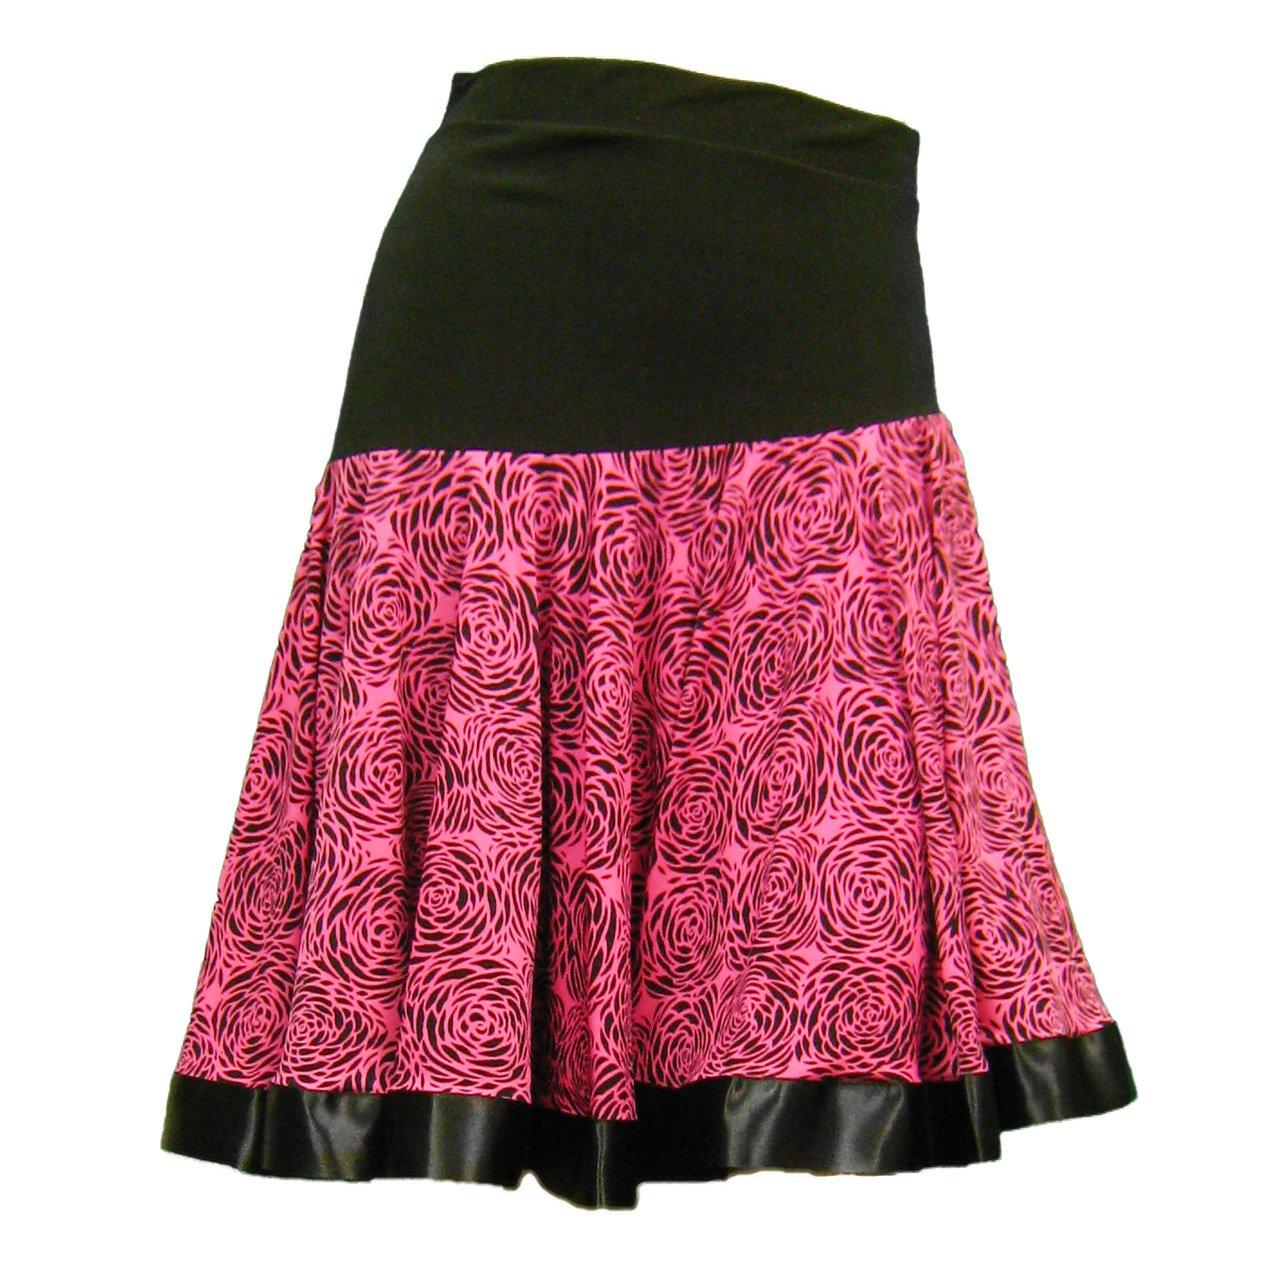 [해외](윙) WING 사교 댄스 댄스 합창 의상 노래방 사이틀 치마 여성 댄스 웨어 M ~ L 사이즈 꽃무늬 리본 테이프 자르기 댄스 스커트 핑크 계 / Wing WING Ballroom Dance Dance Chorus Costume karaoke concert skirt Ladies Dance wear M ~ L size Flor...